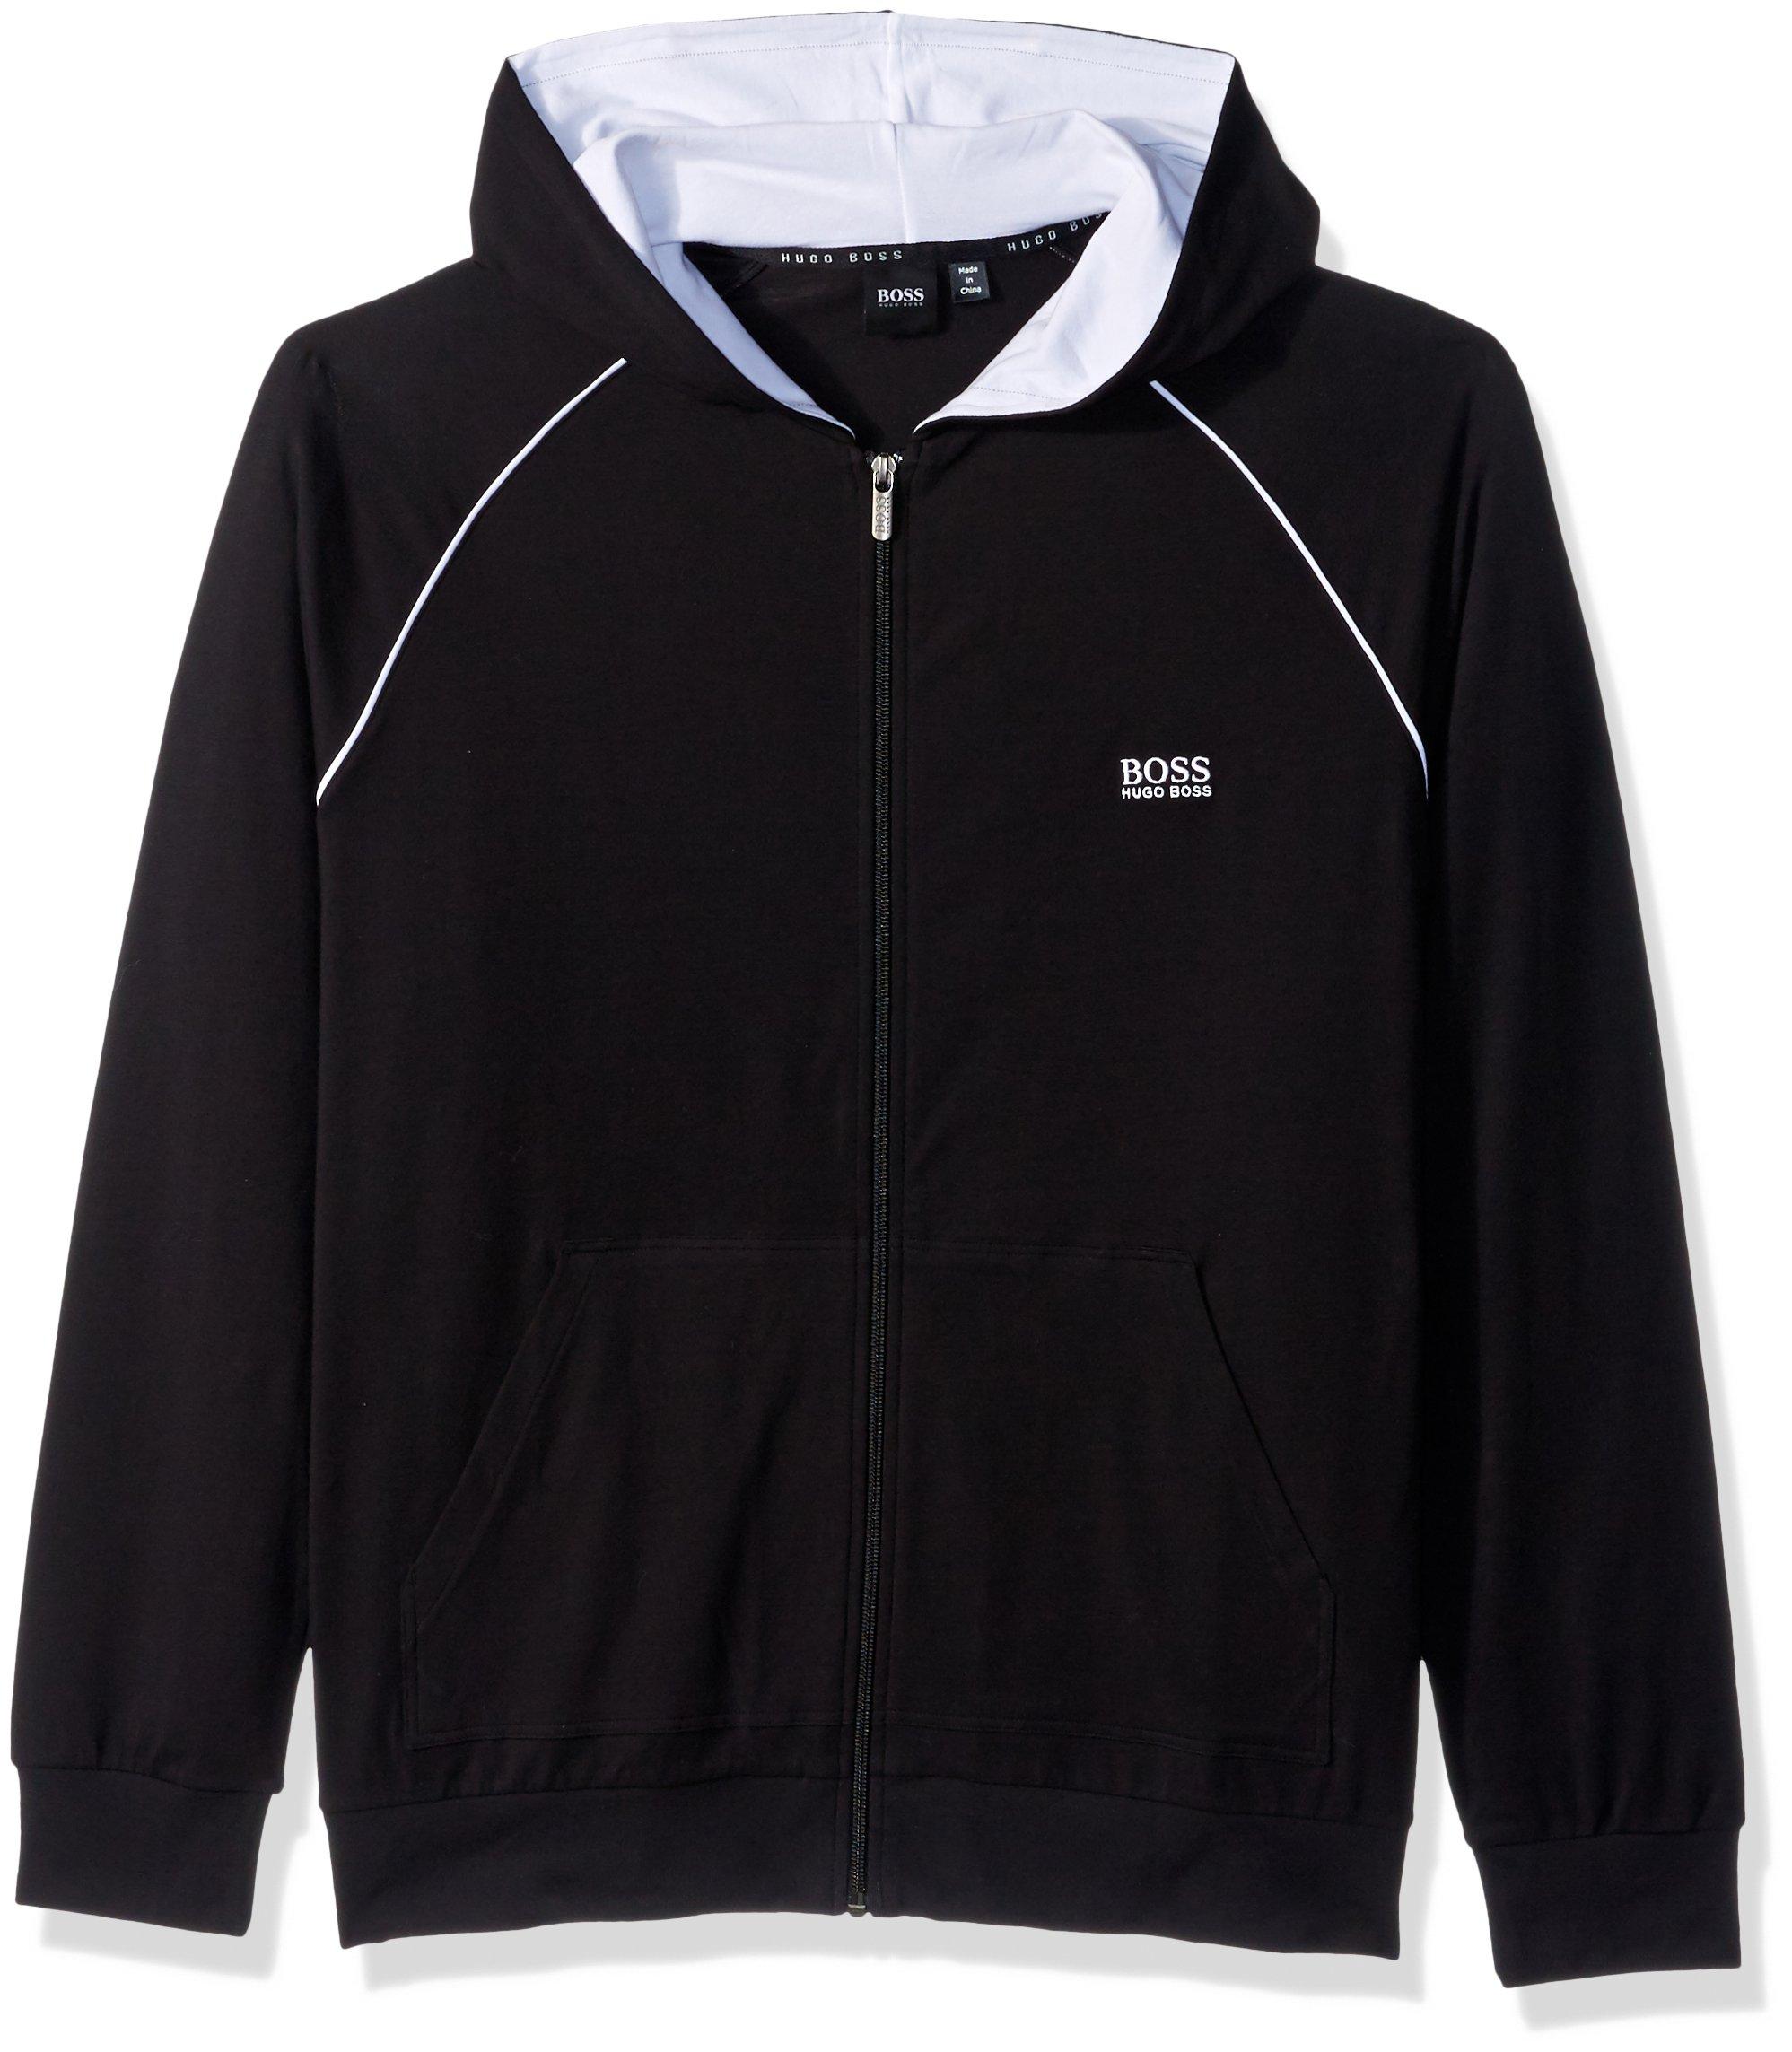 Hugo Boss Boss Men's Mix&Match Jacket H 10143871 02, Black, M